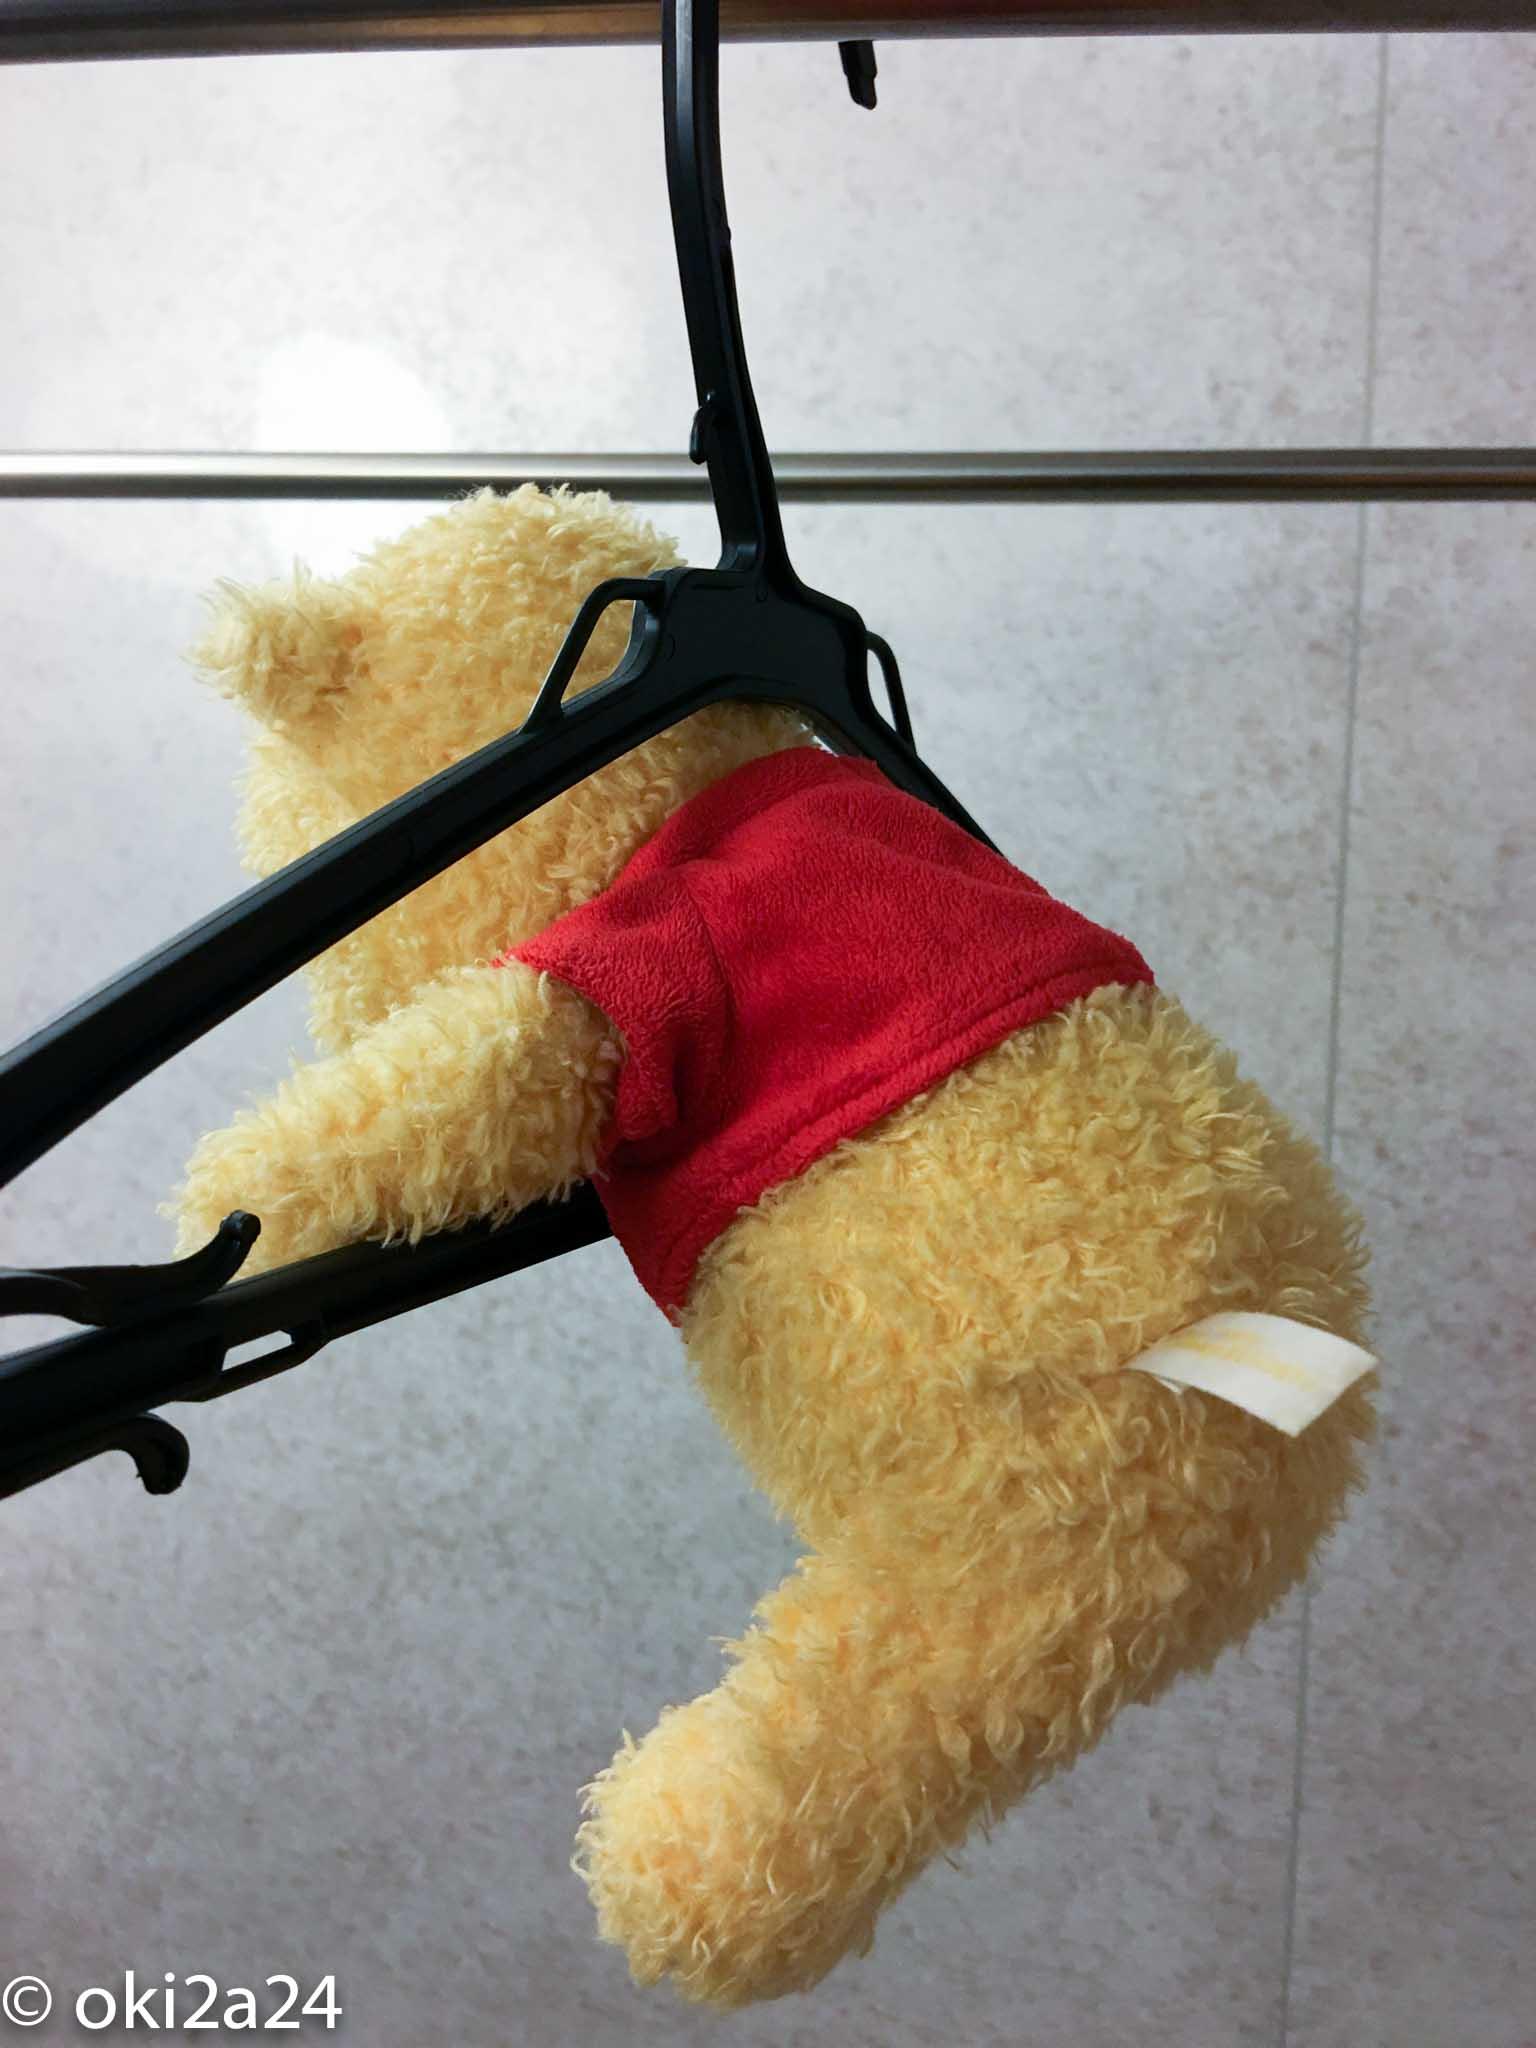 プーさん人形をハンガーに掛けた(後ろから見たところ)